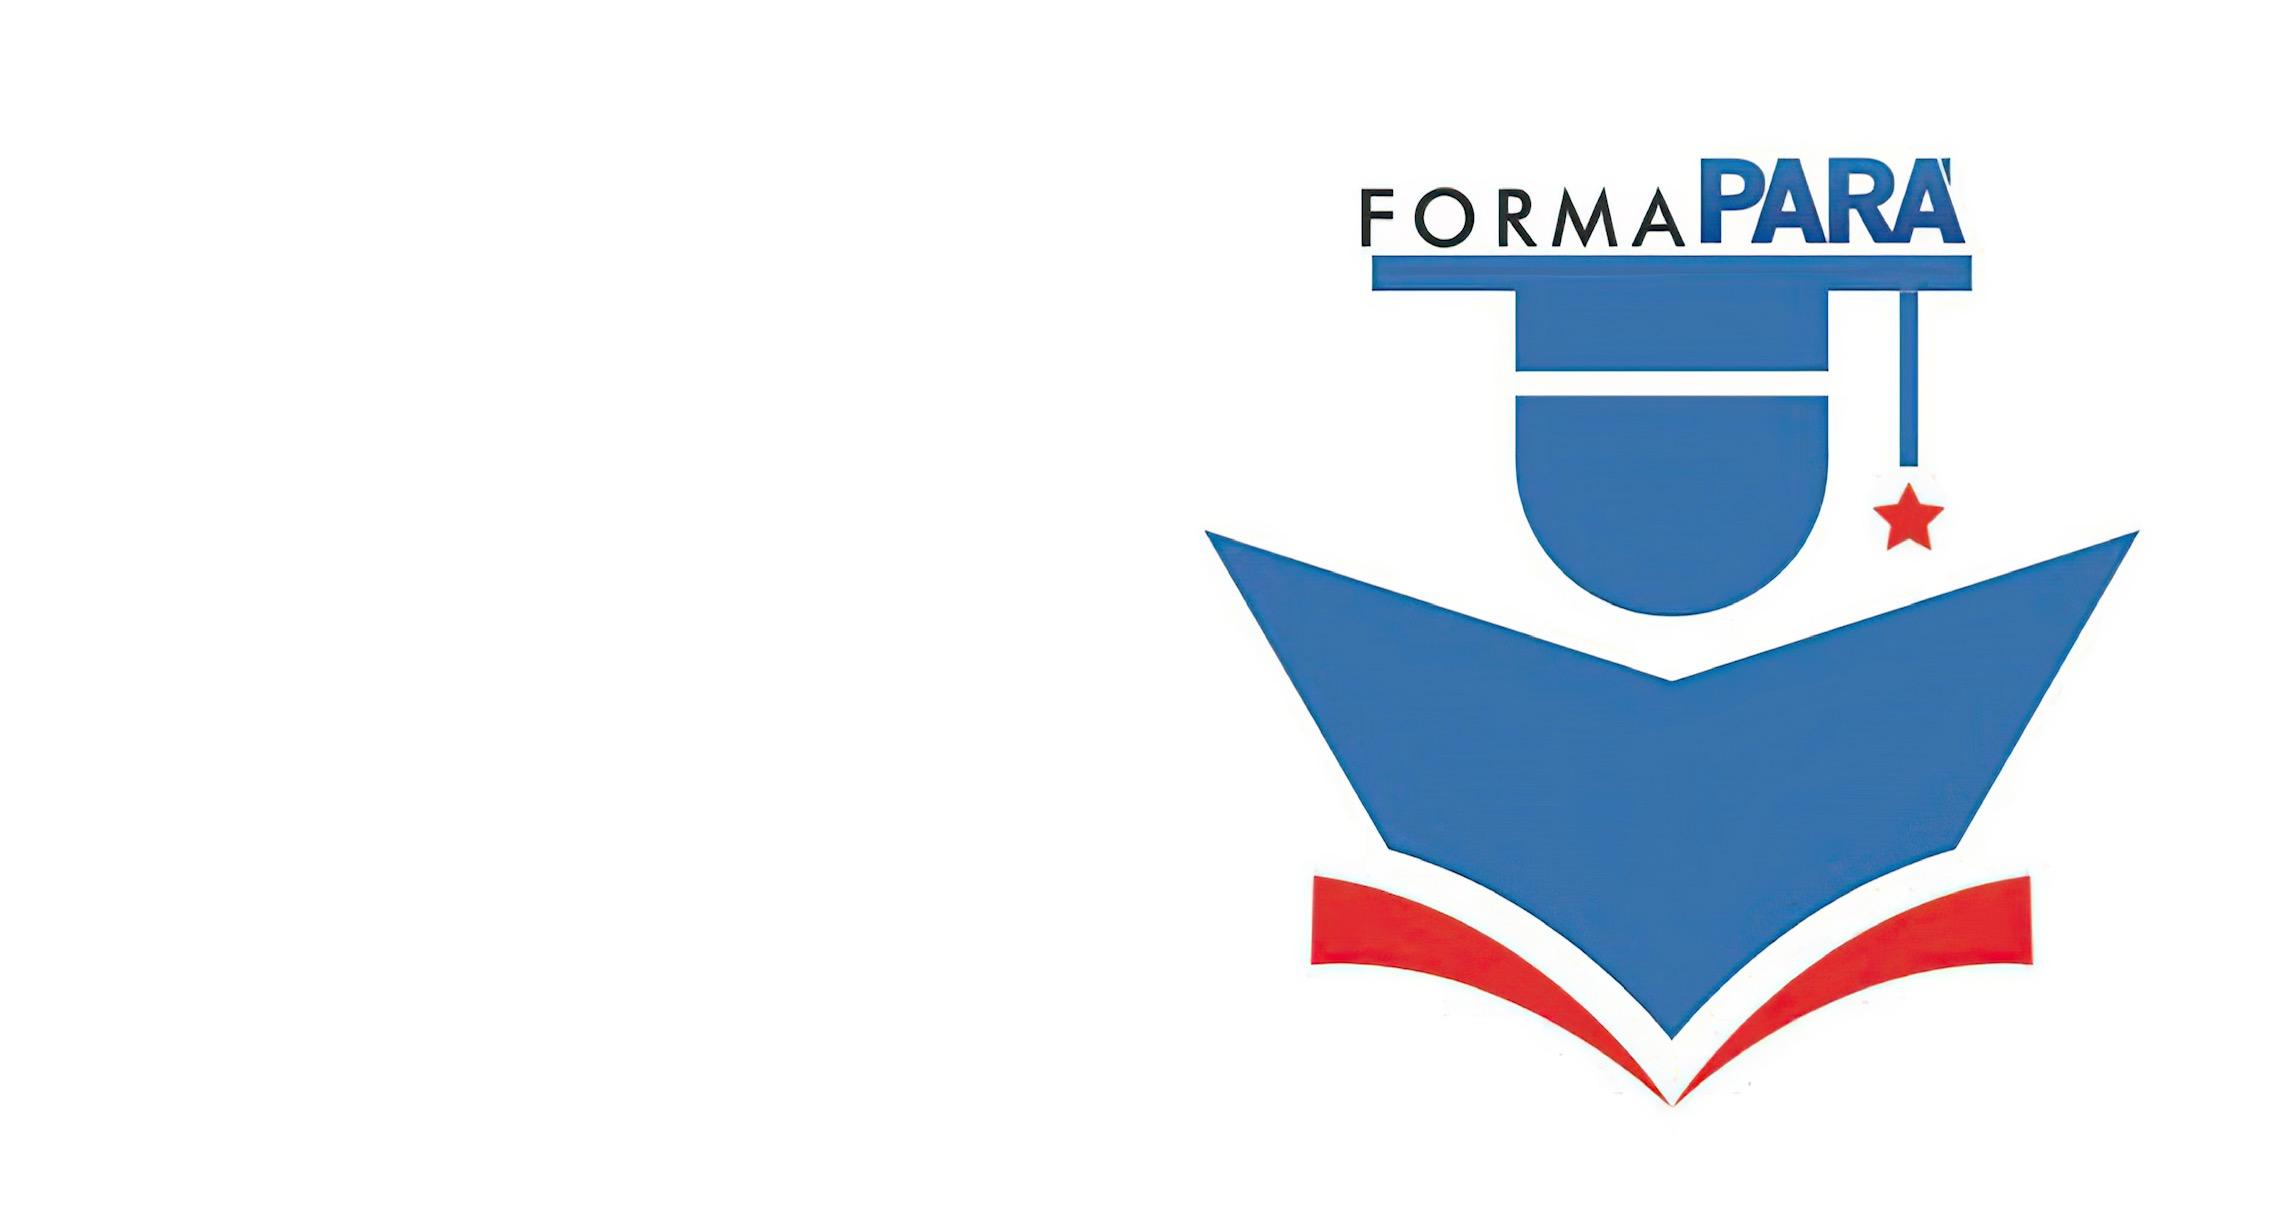 Processo seletivo do Forma Pará está suspenso